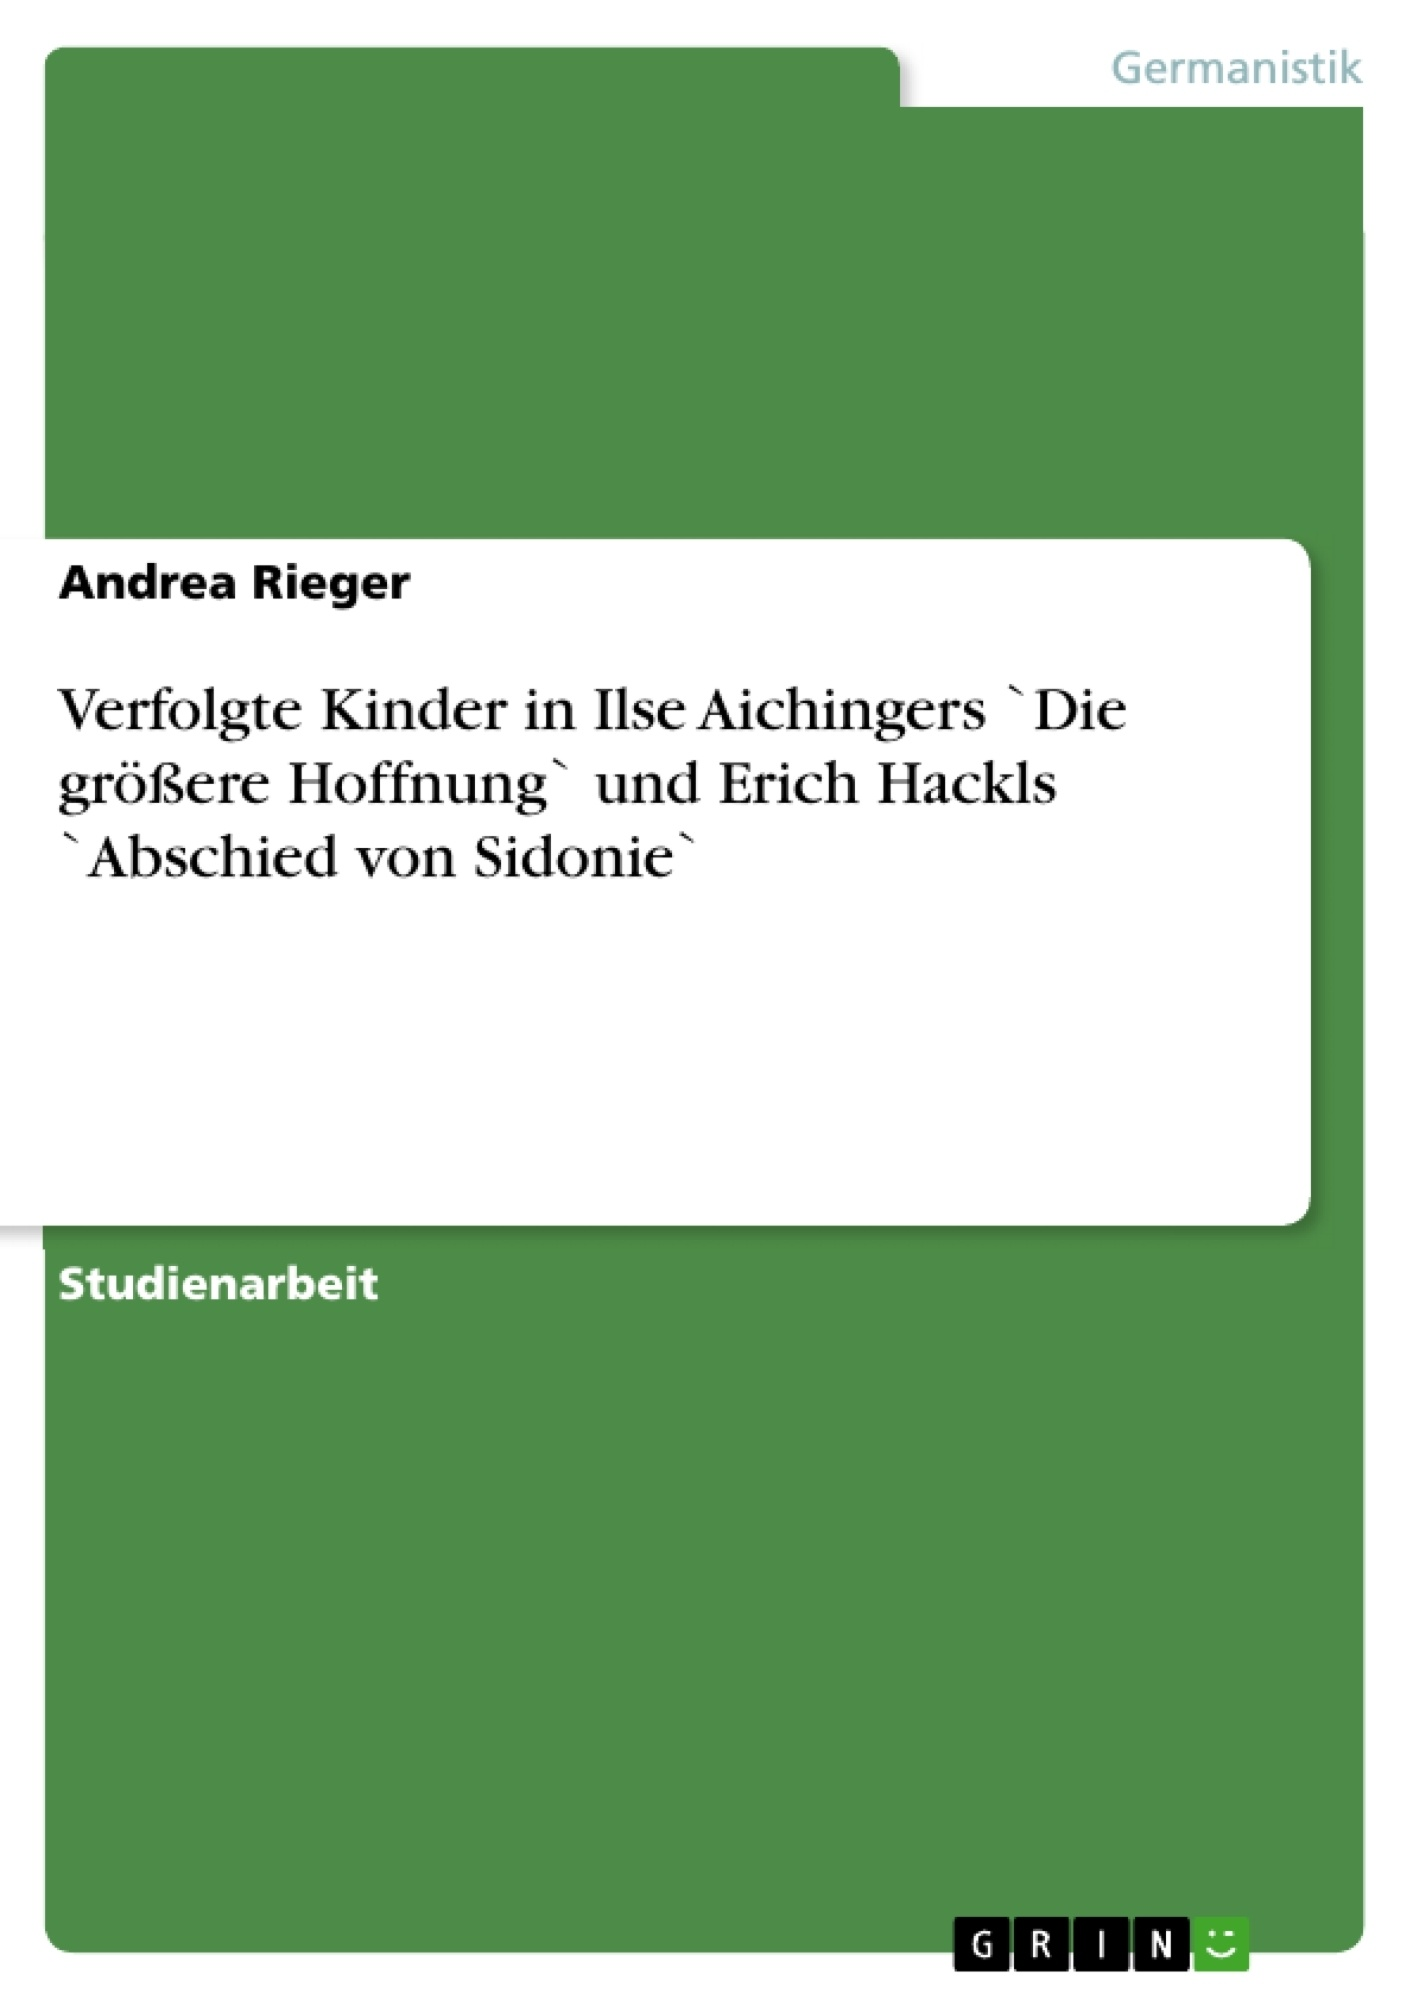 Titel: Verfolgte Kinder in Ilse Aichingers `Die größere Hoffnung` und Erich Hackls `Abschied von Sidonie`